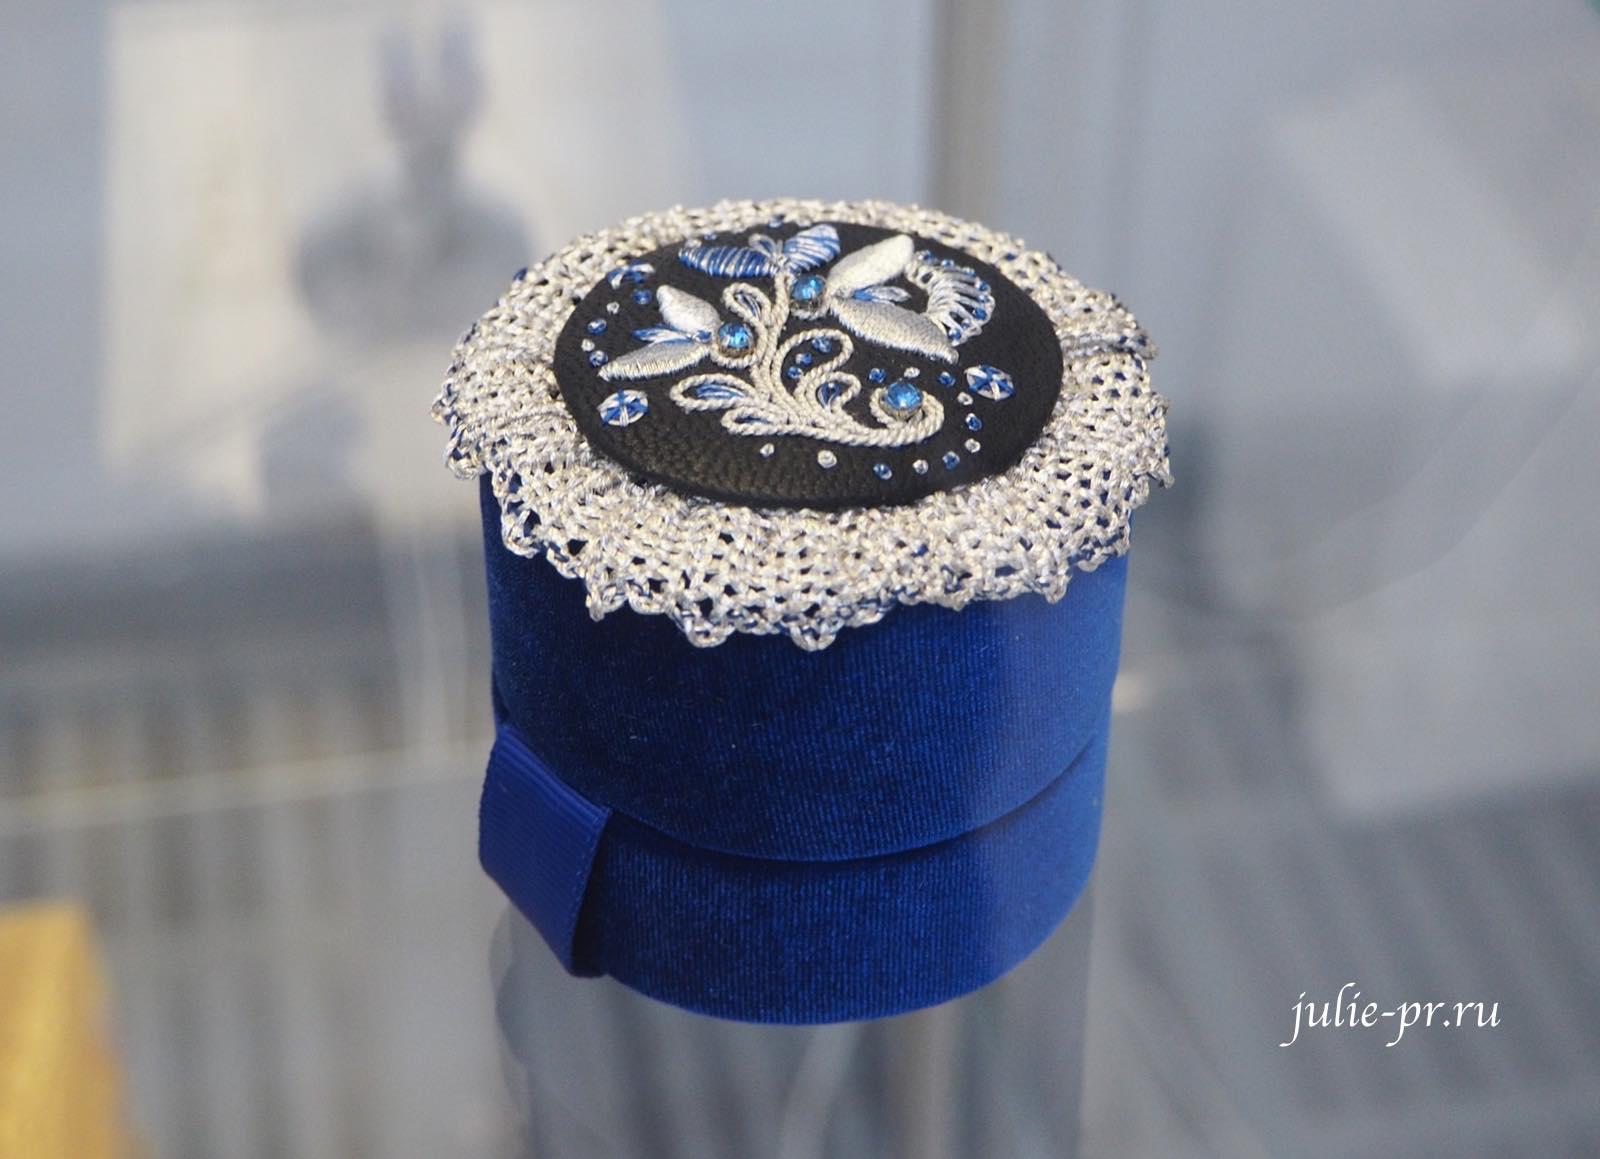 Всероссийская выставка вышивки, вышивка, Шкатулка, золотное шитье